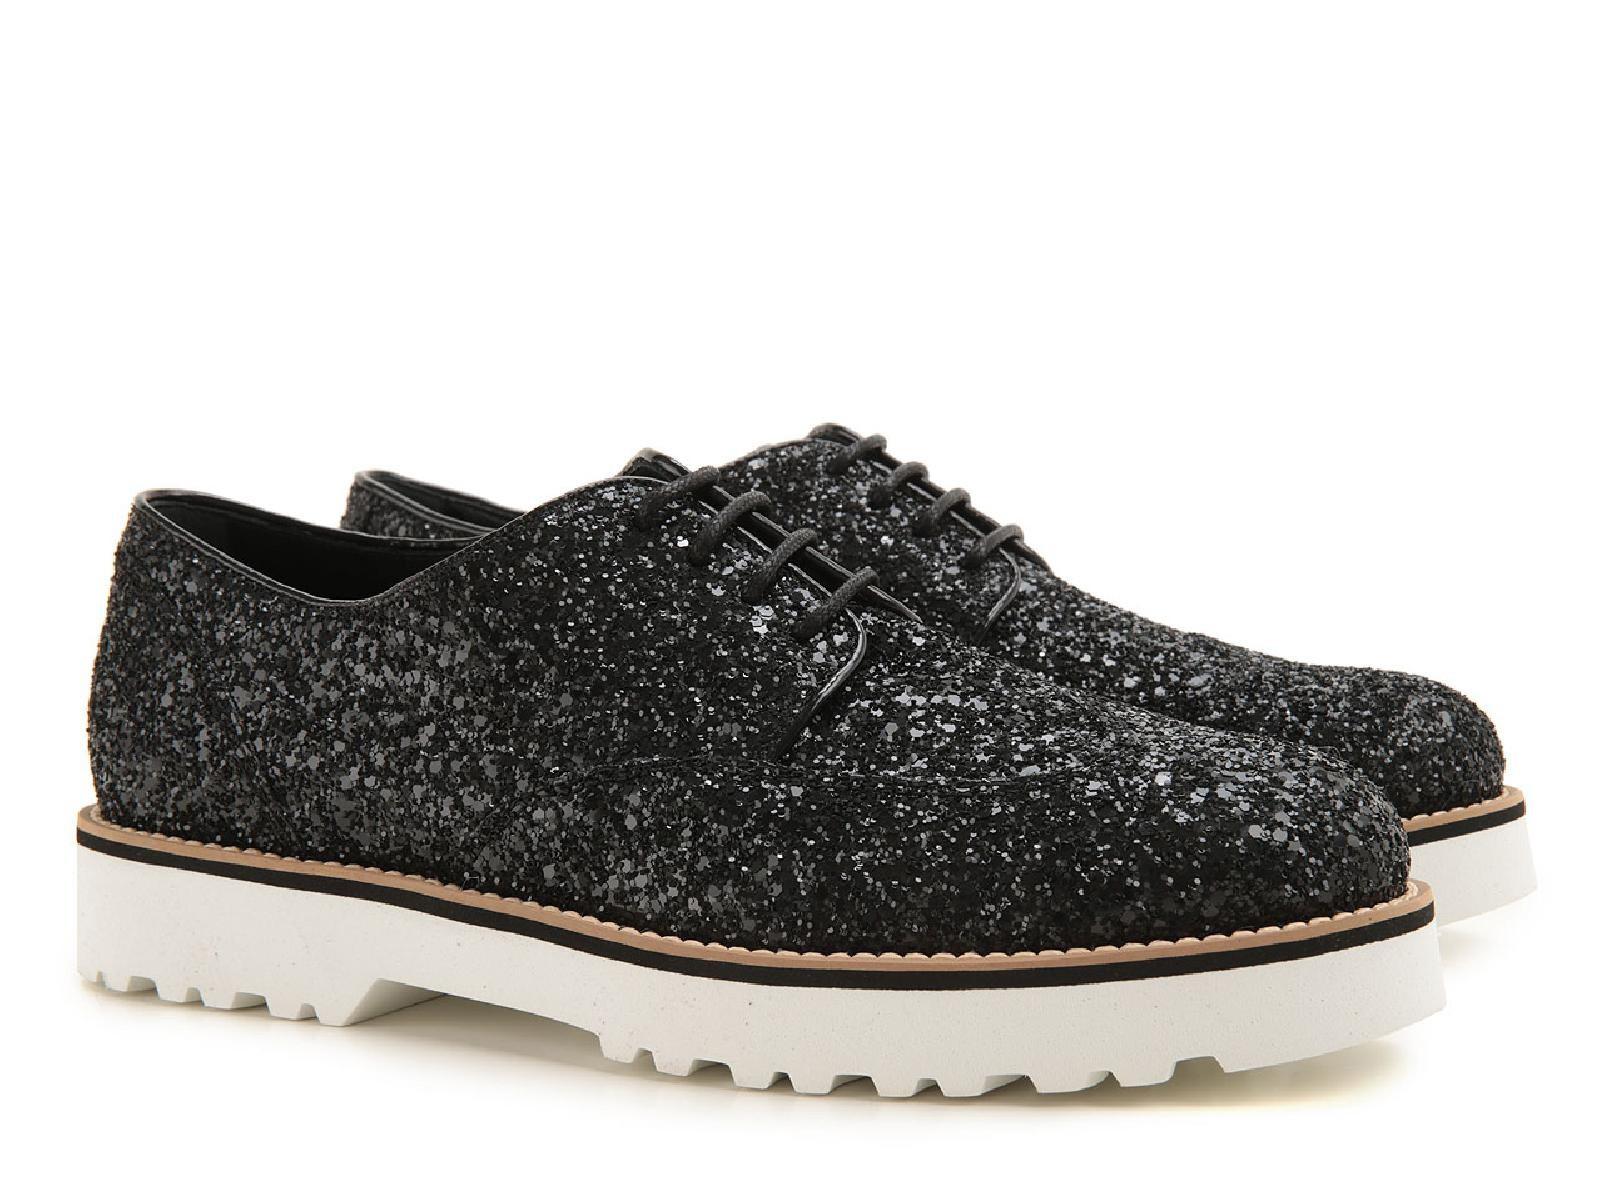 chaussures lacets hogan femme en cuir et paillettes italian boutique. Black Bedroom Furniture Sets. Home Design Ideas